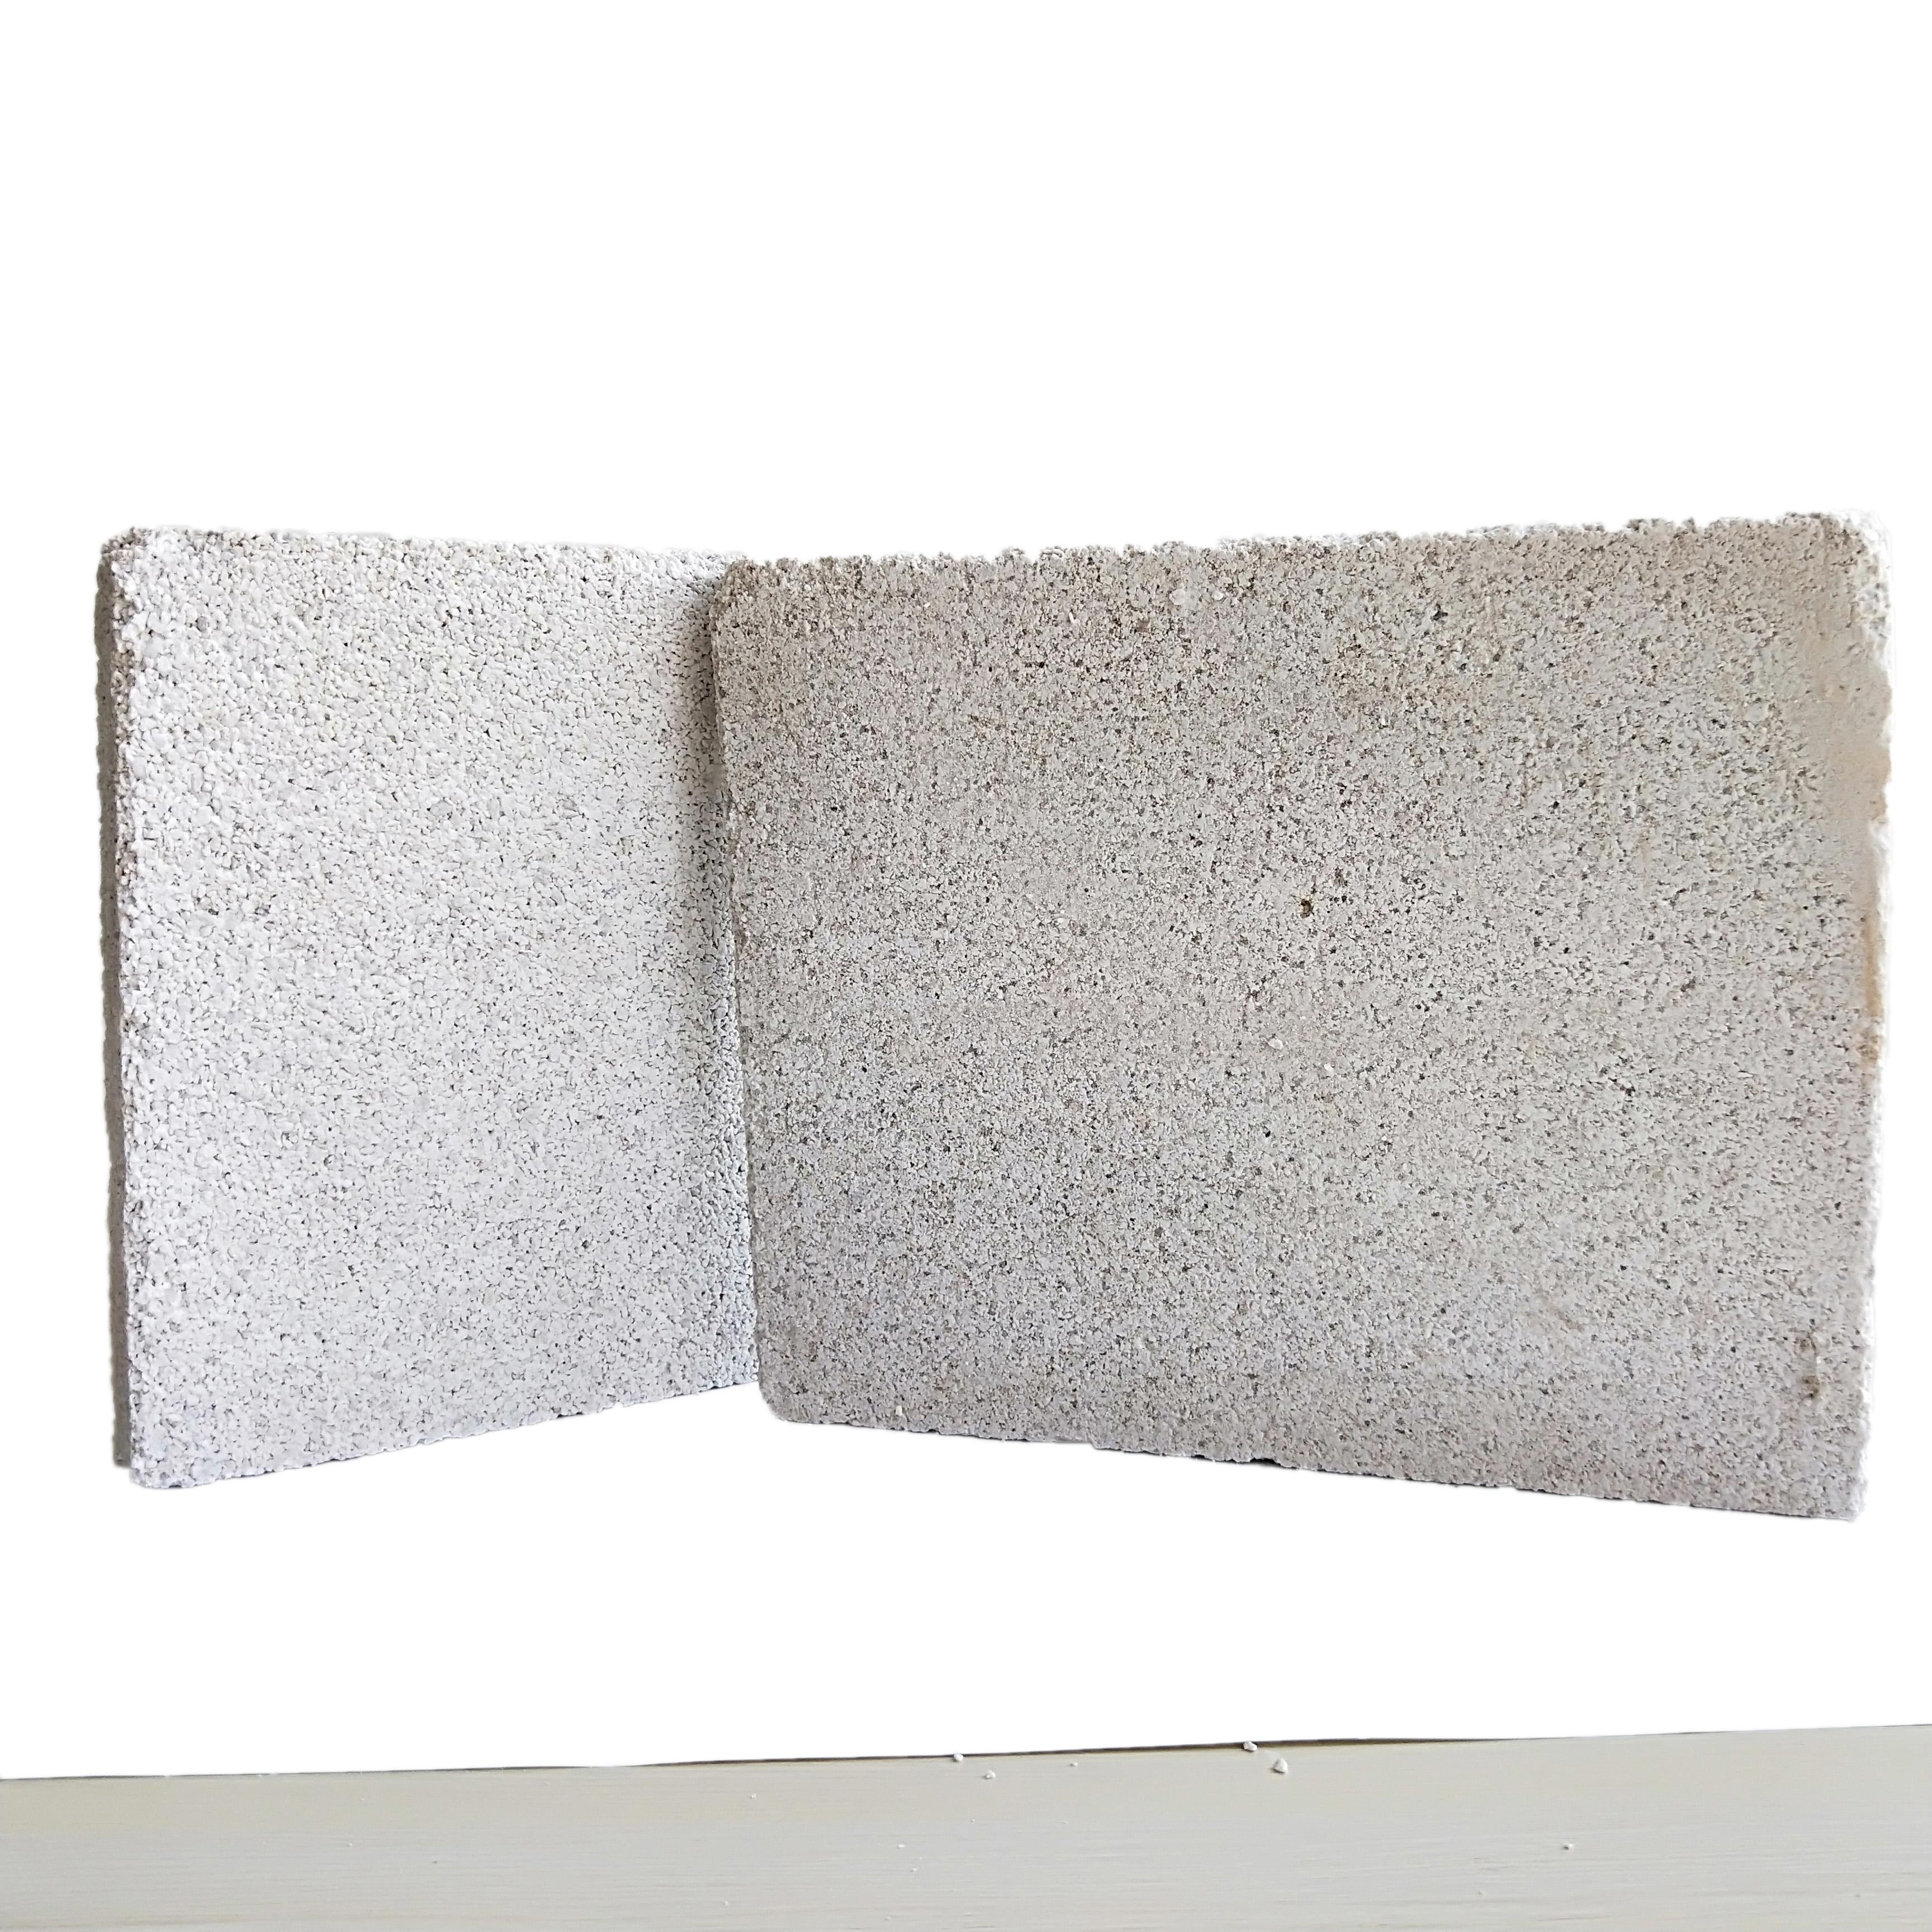 Perlite изоляционная плита perlite пожарная дверь